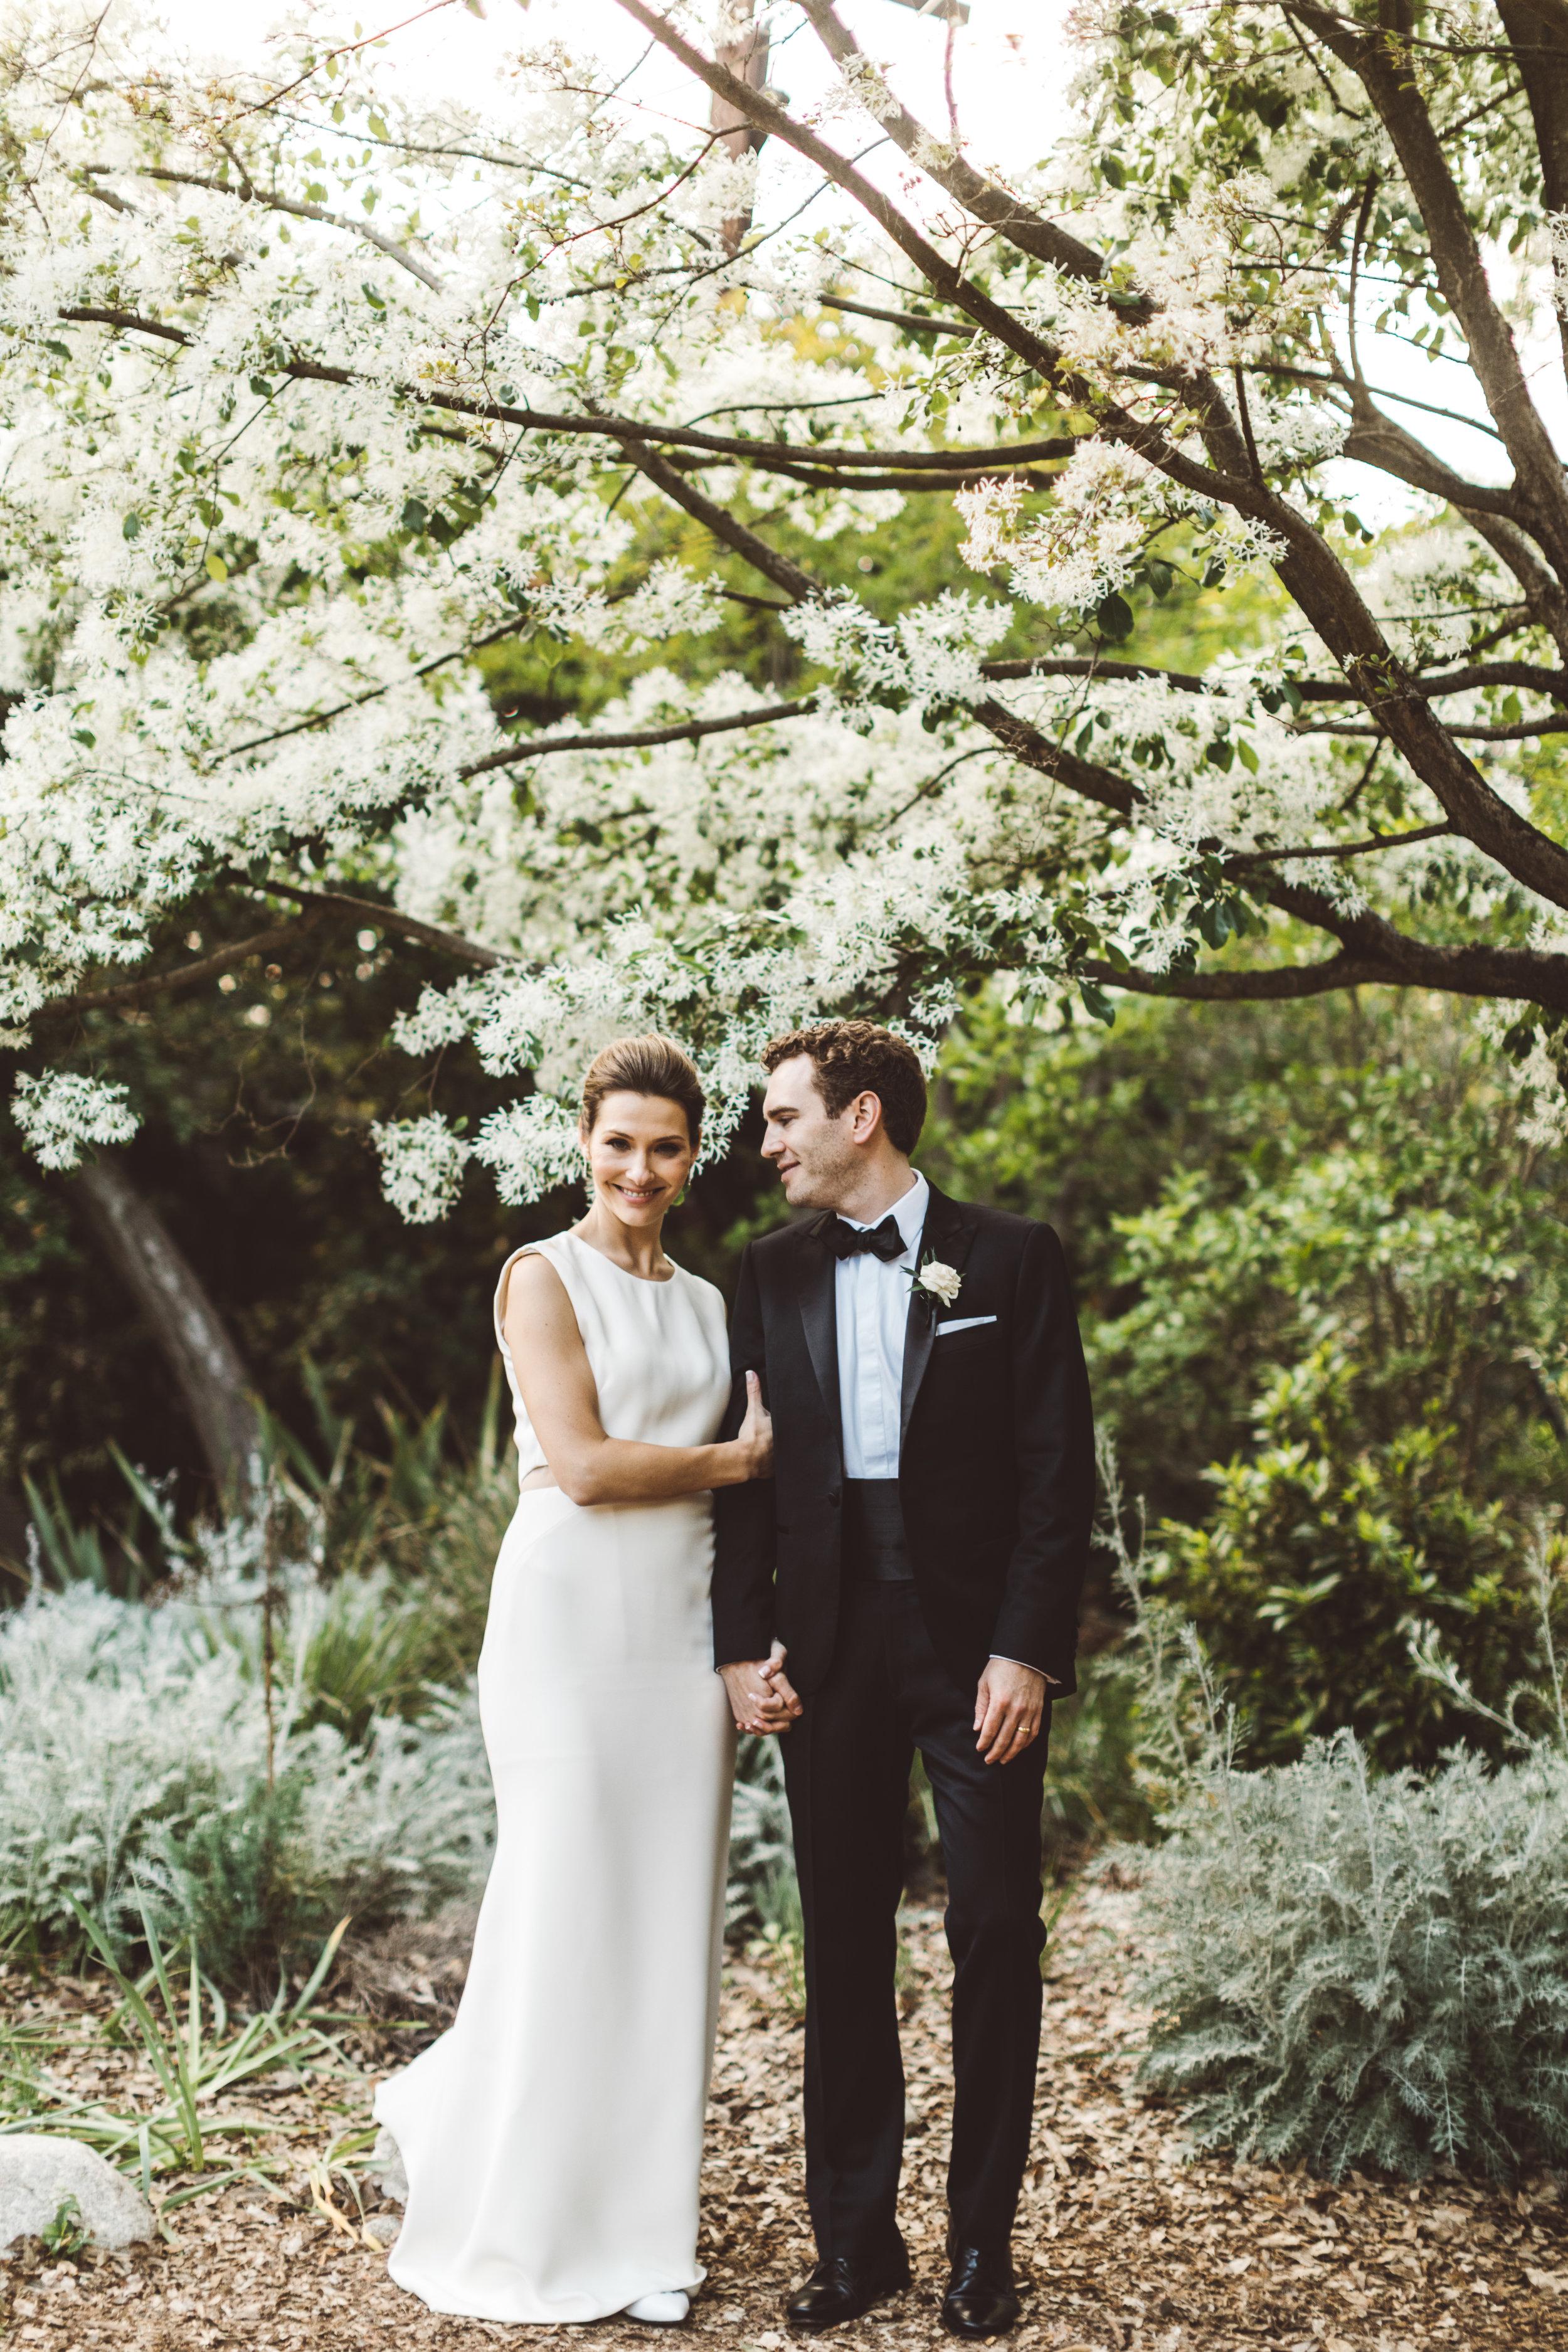 Tom+Kate- Married_stevecowellphoto-2165.jpg